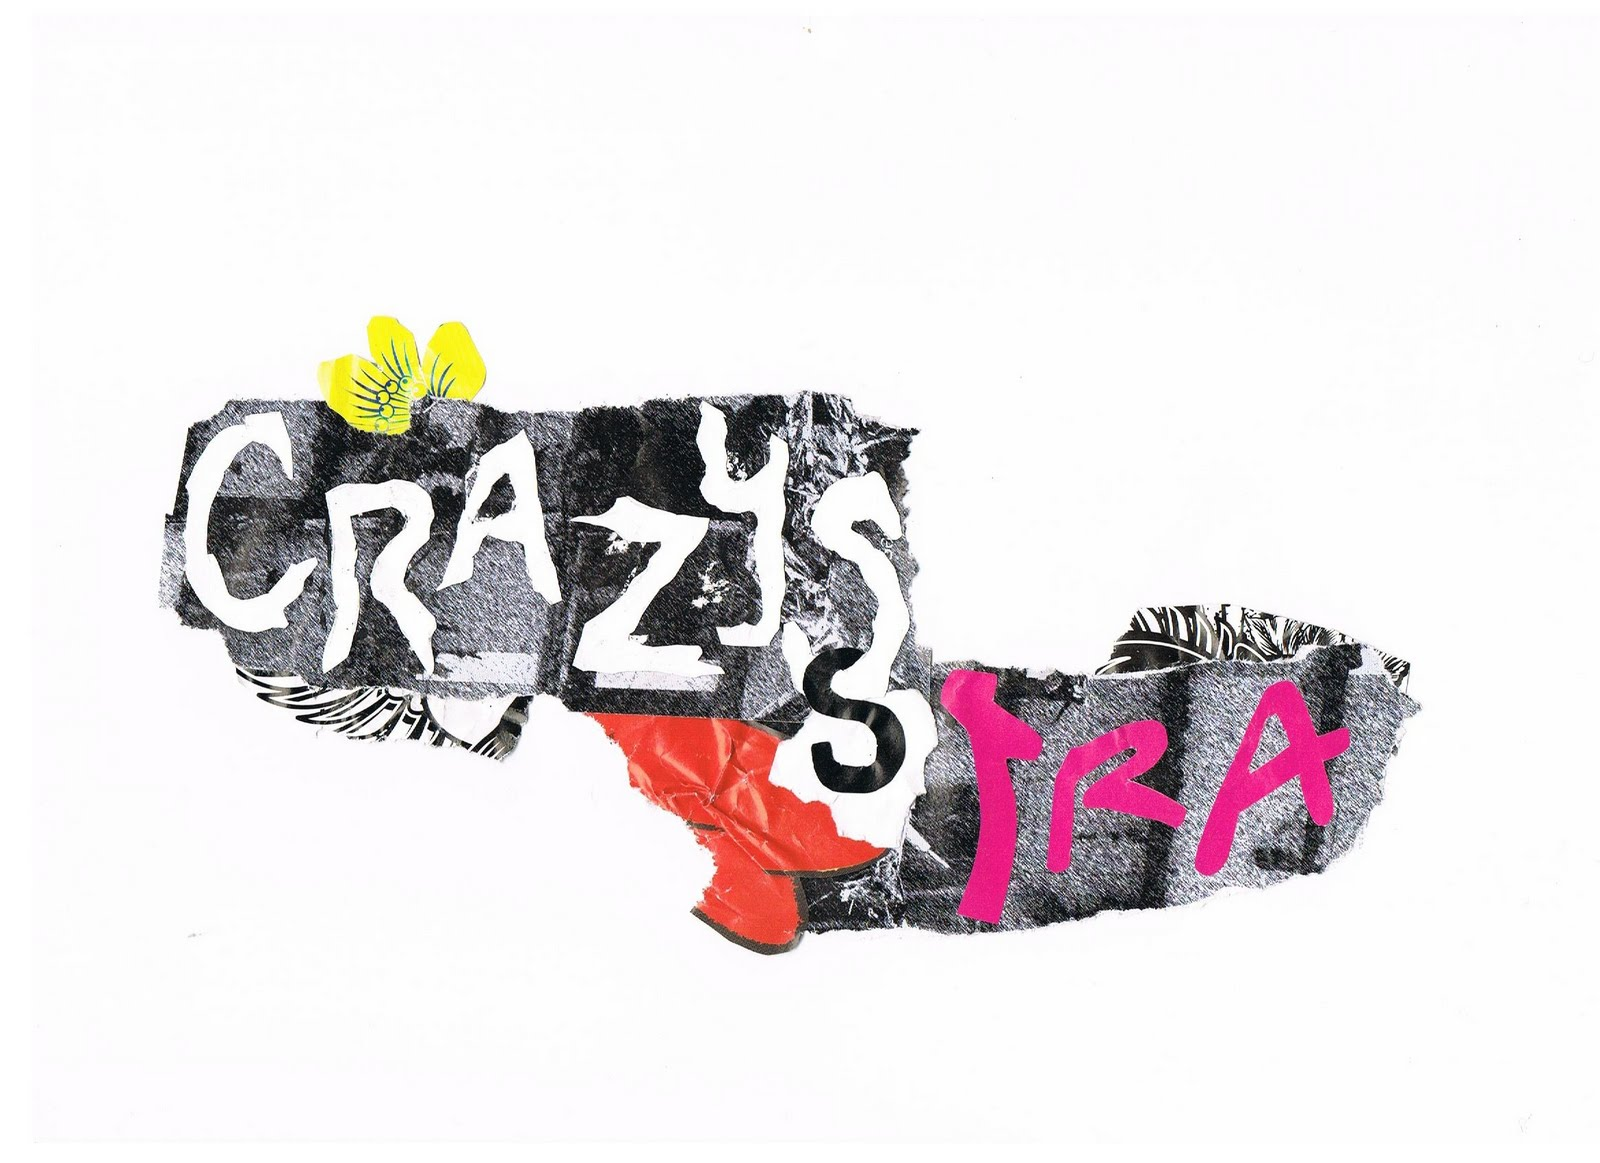 crazysstra